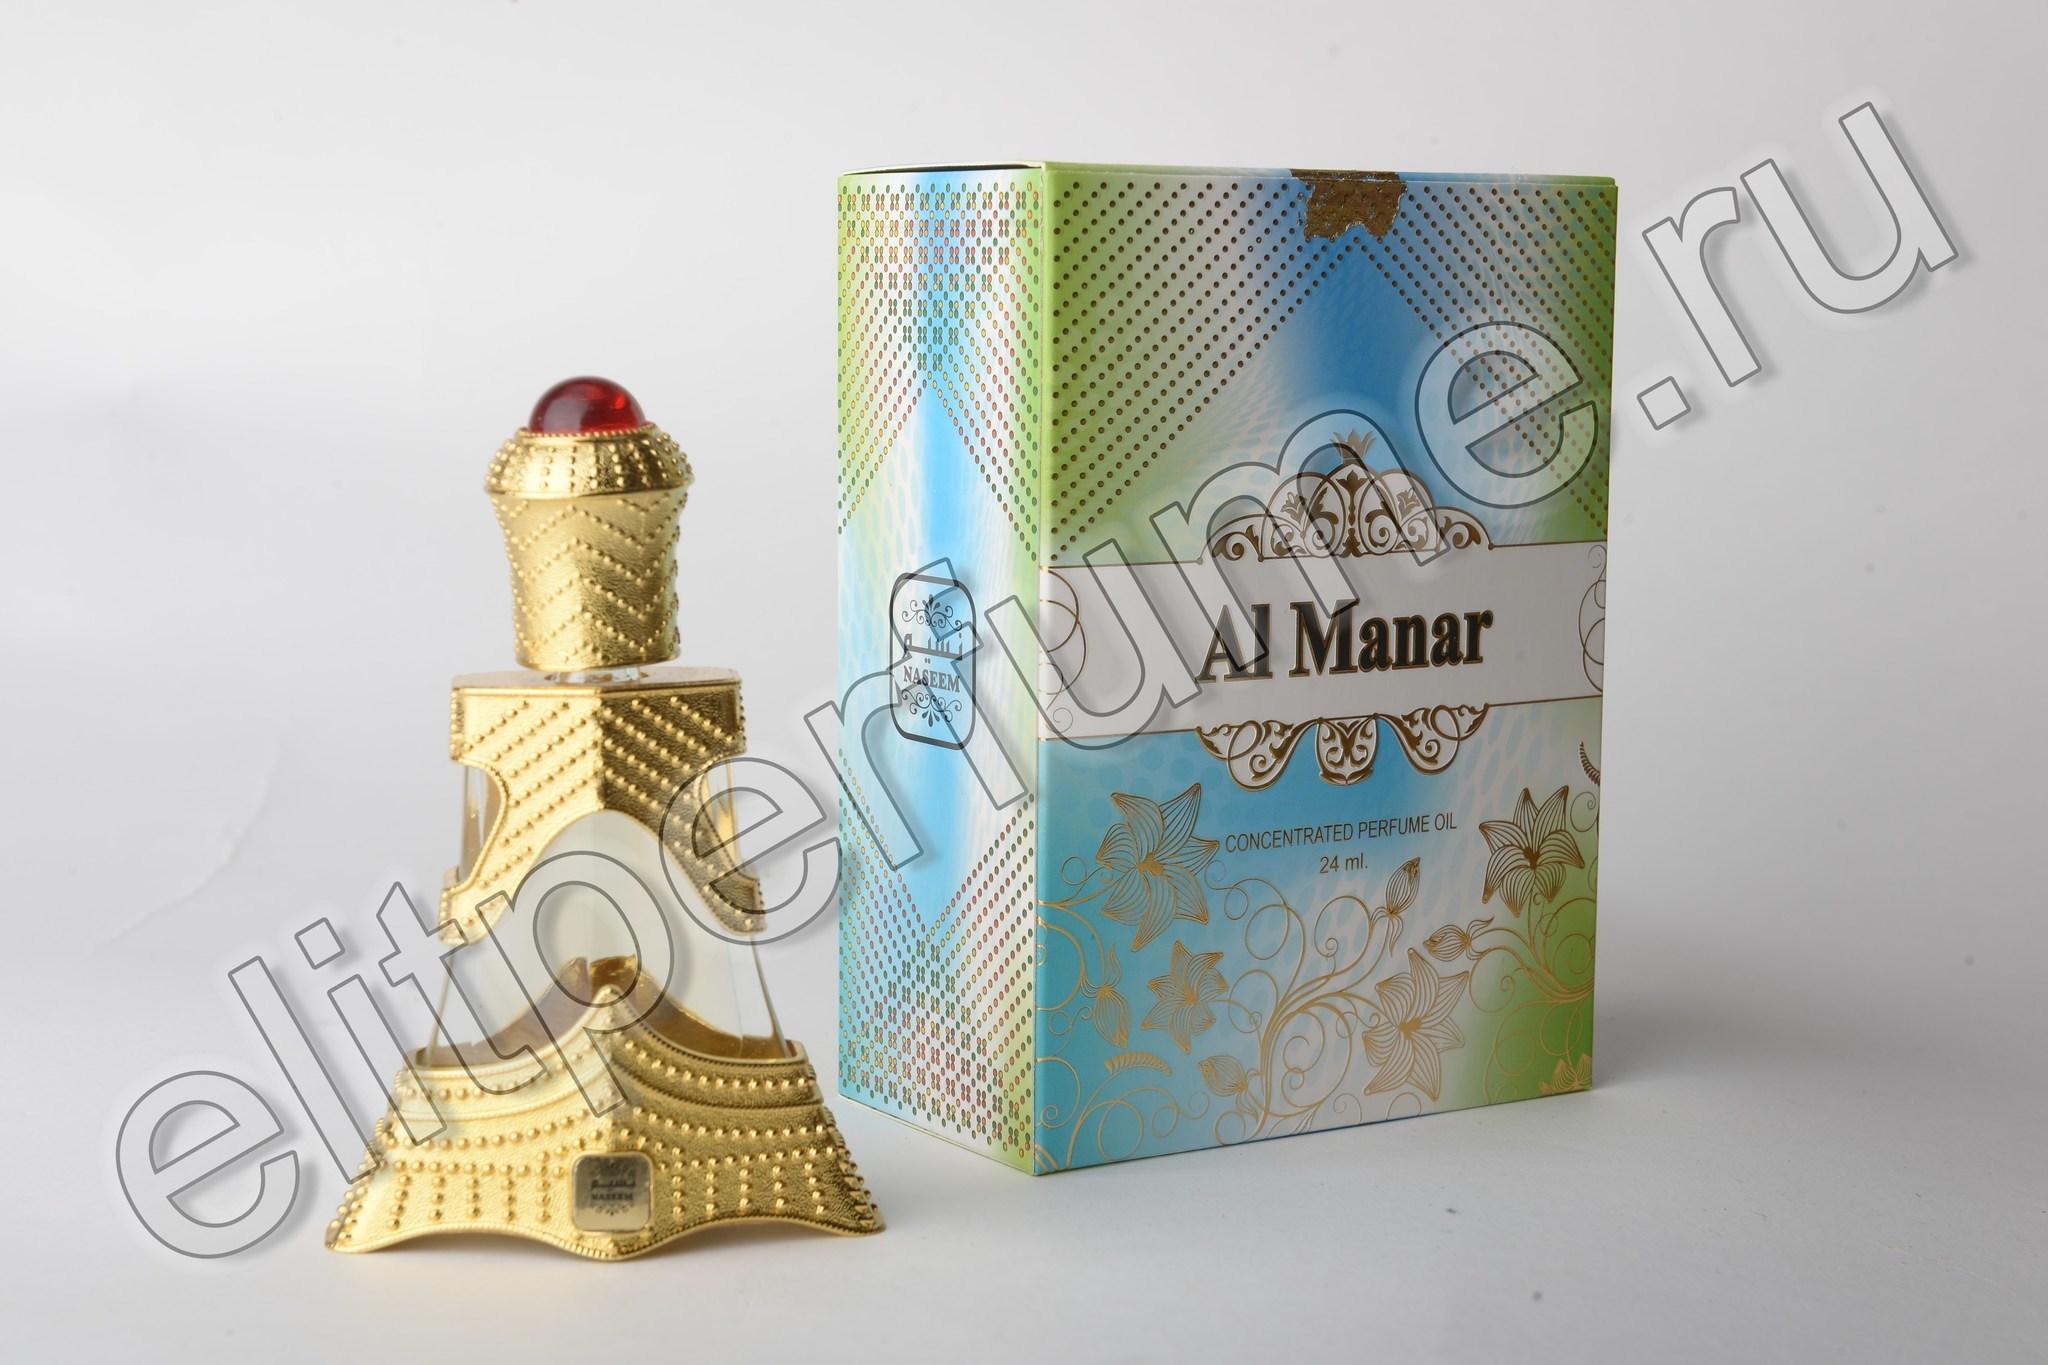 Пробник для Al Manar Аль Манар 1 мл арабские масляные духи от Насим Naseem Perfumes